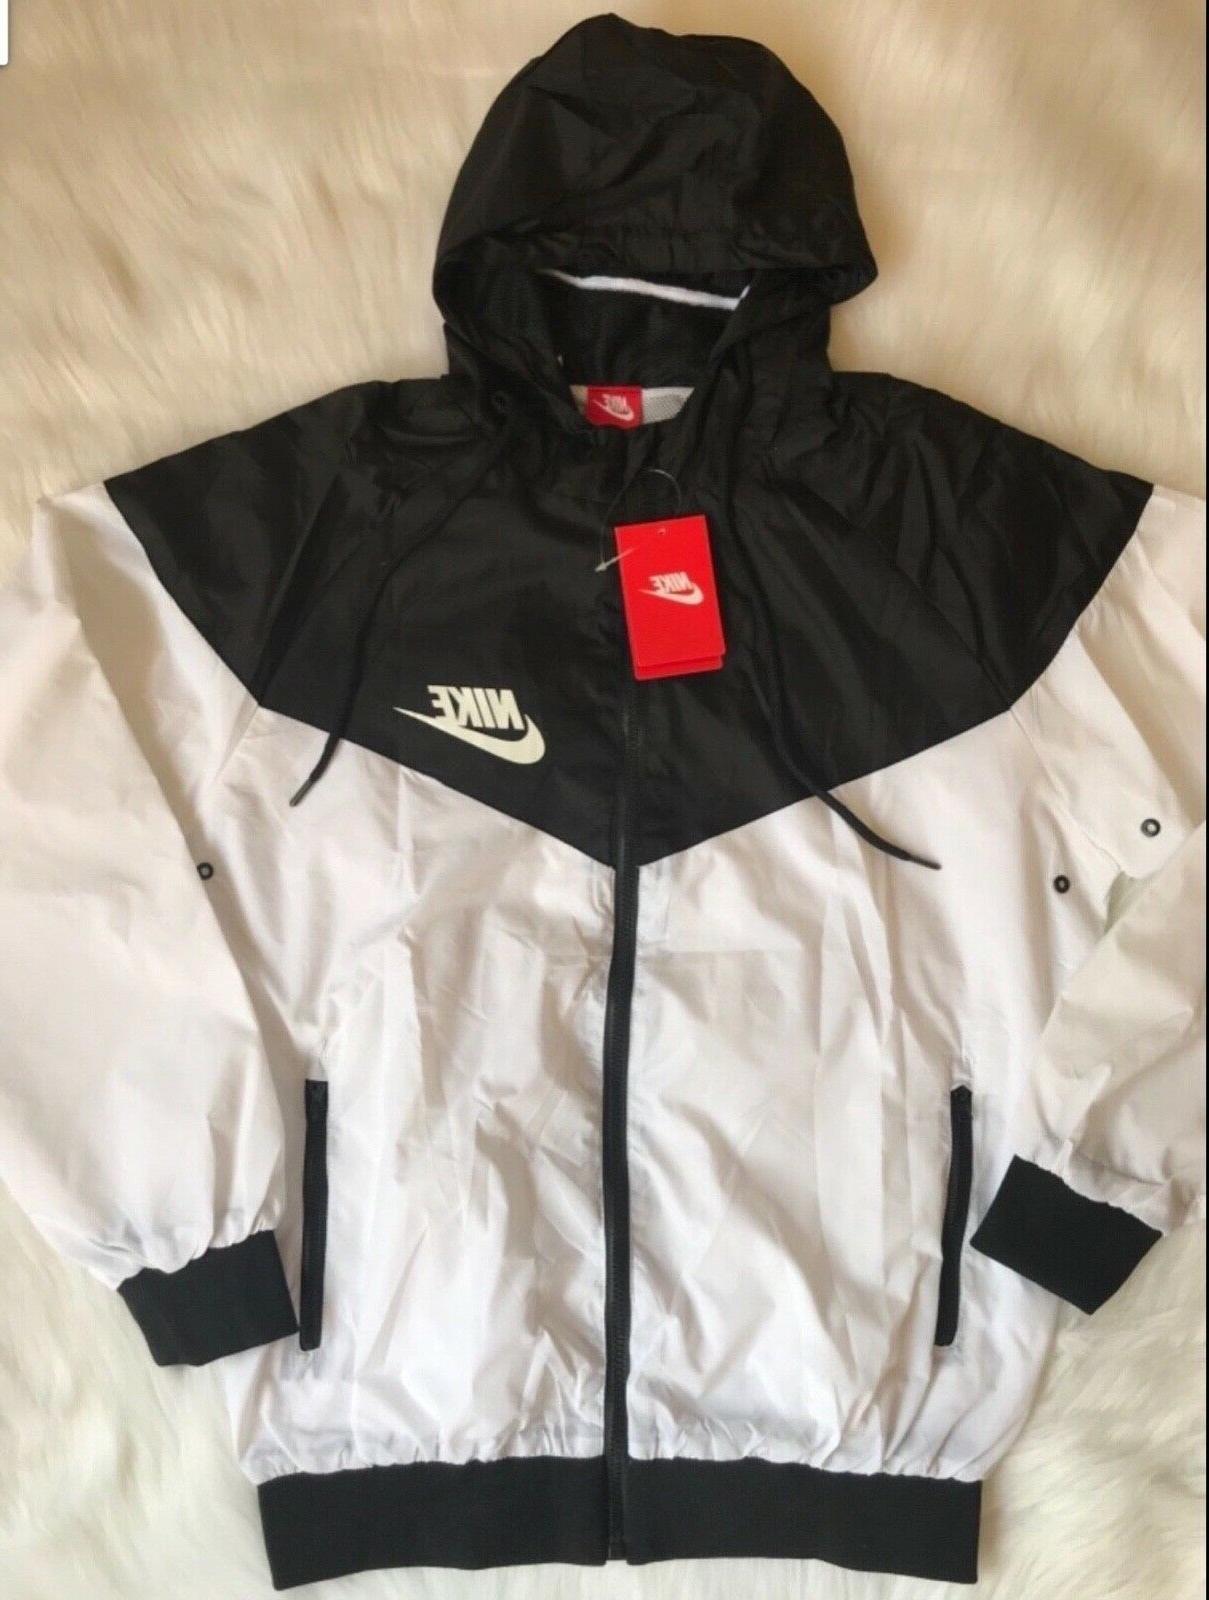 SLIM MEN'S/WOMEN'S Full Jacket